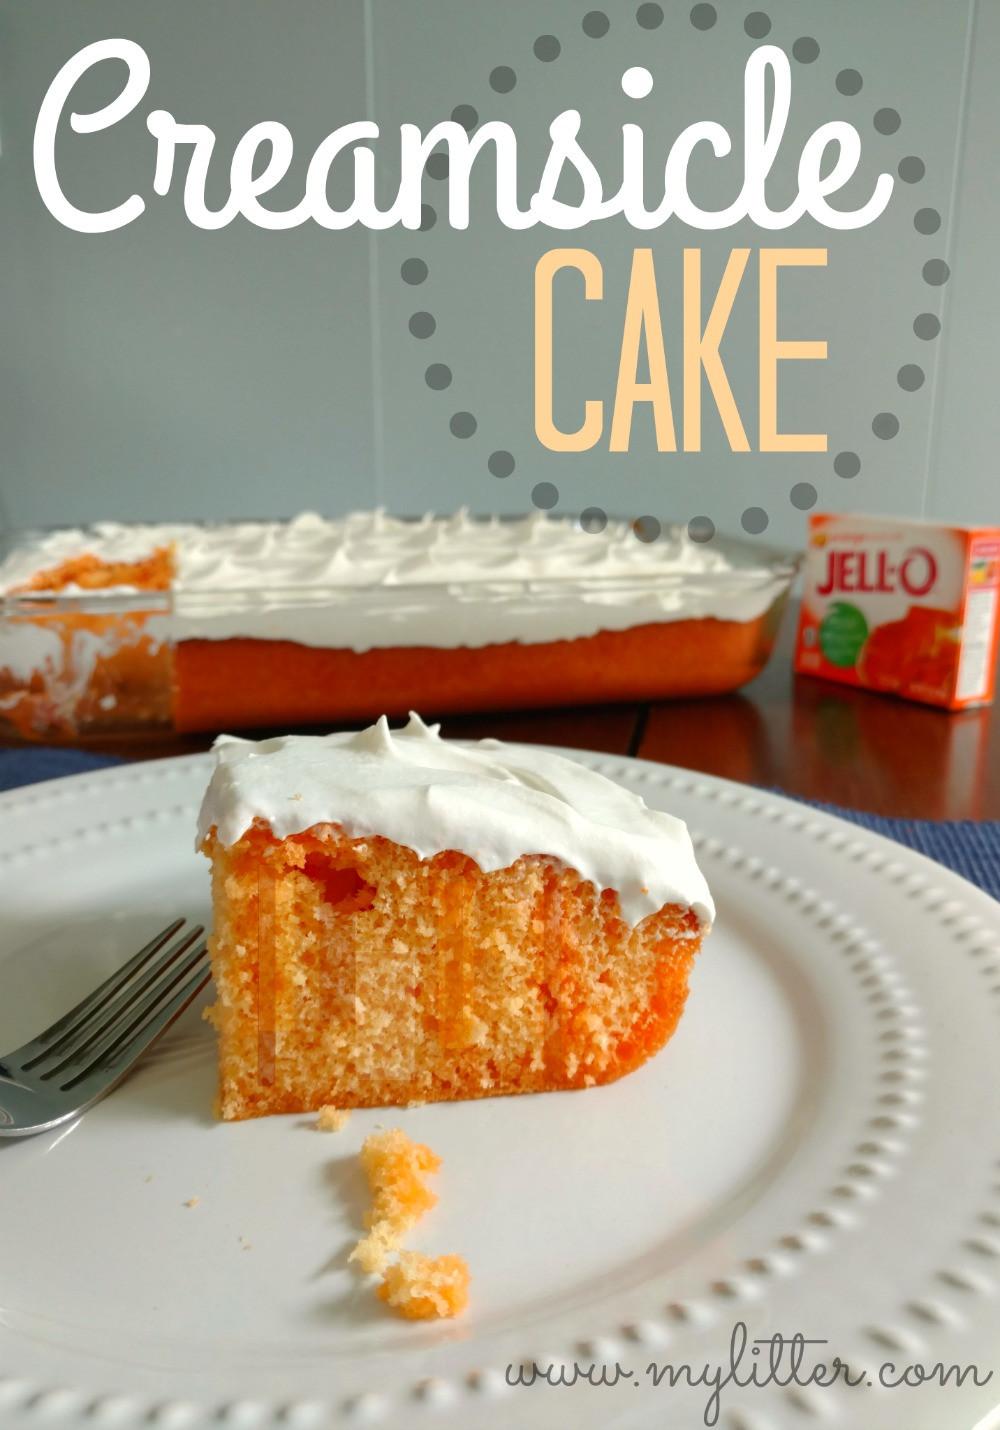 Jello Cake Recipe  Creamsicle Jello Cake MyLitter e Deal At A Time